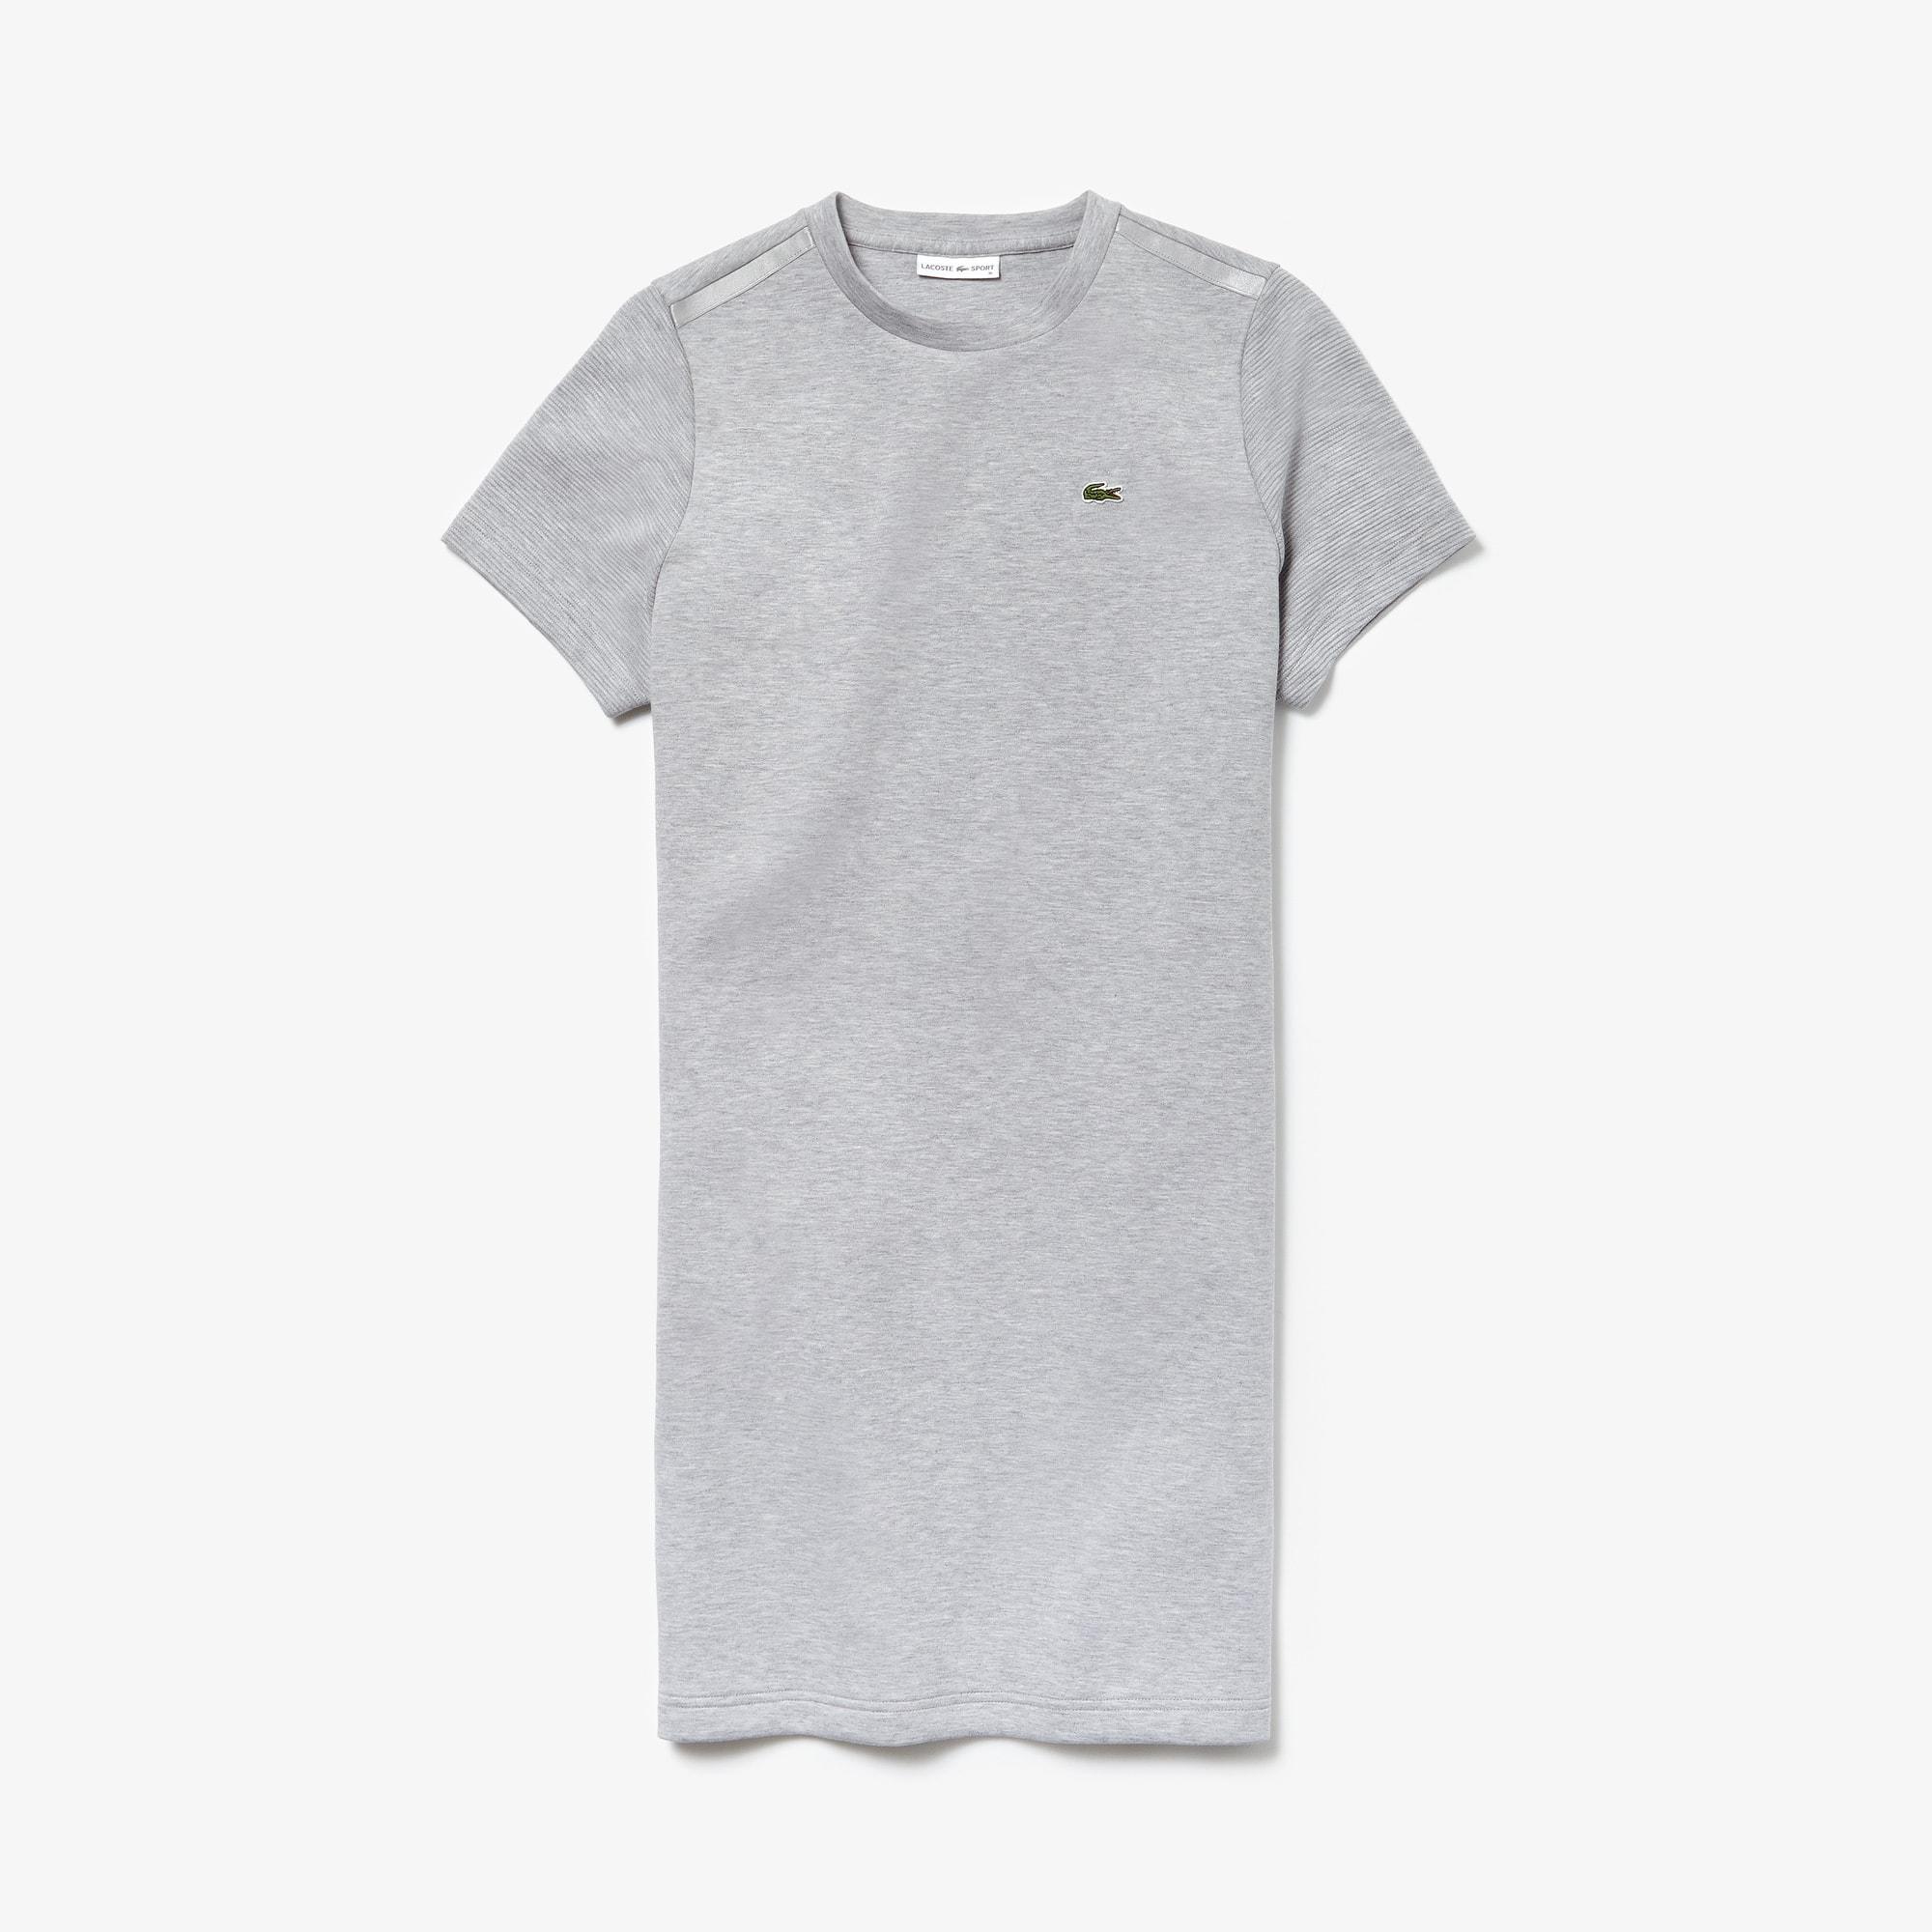 라코스테 테니스 티셔츠 원피스 Lacoste Womens SPORT Fleece Tennis T-shirt Dress